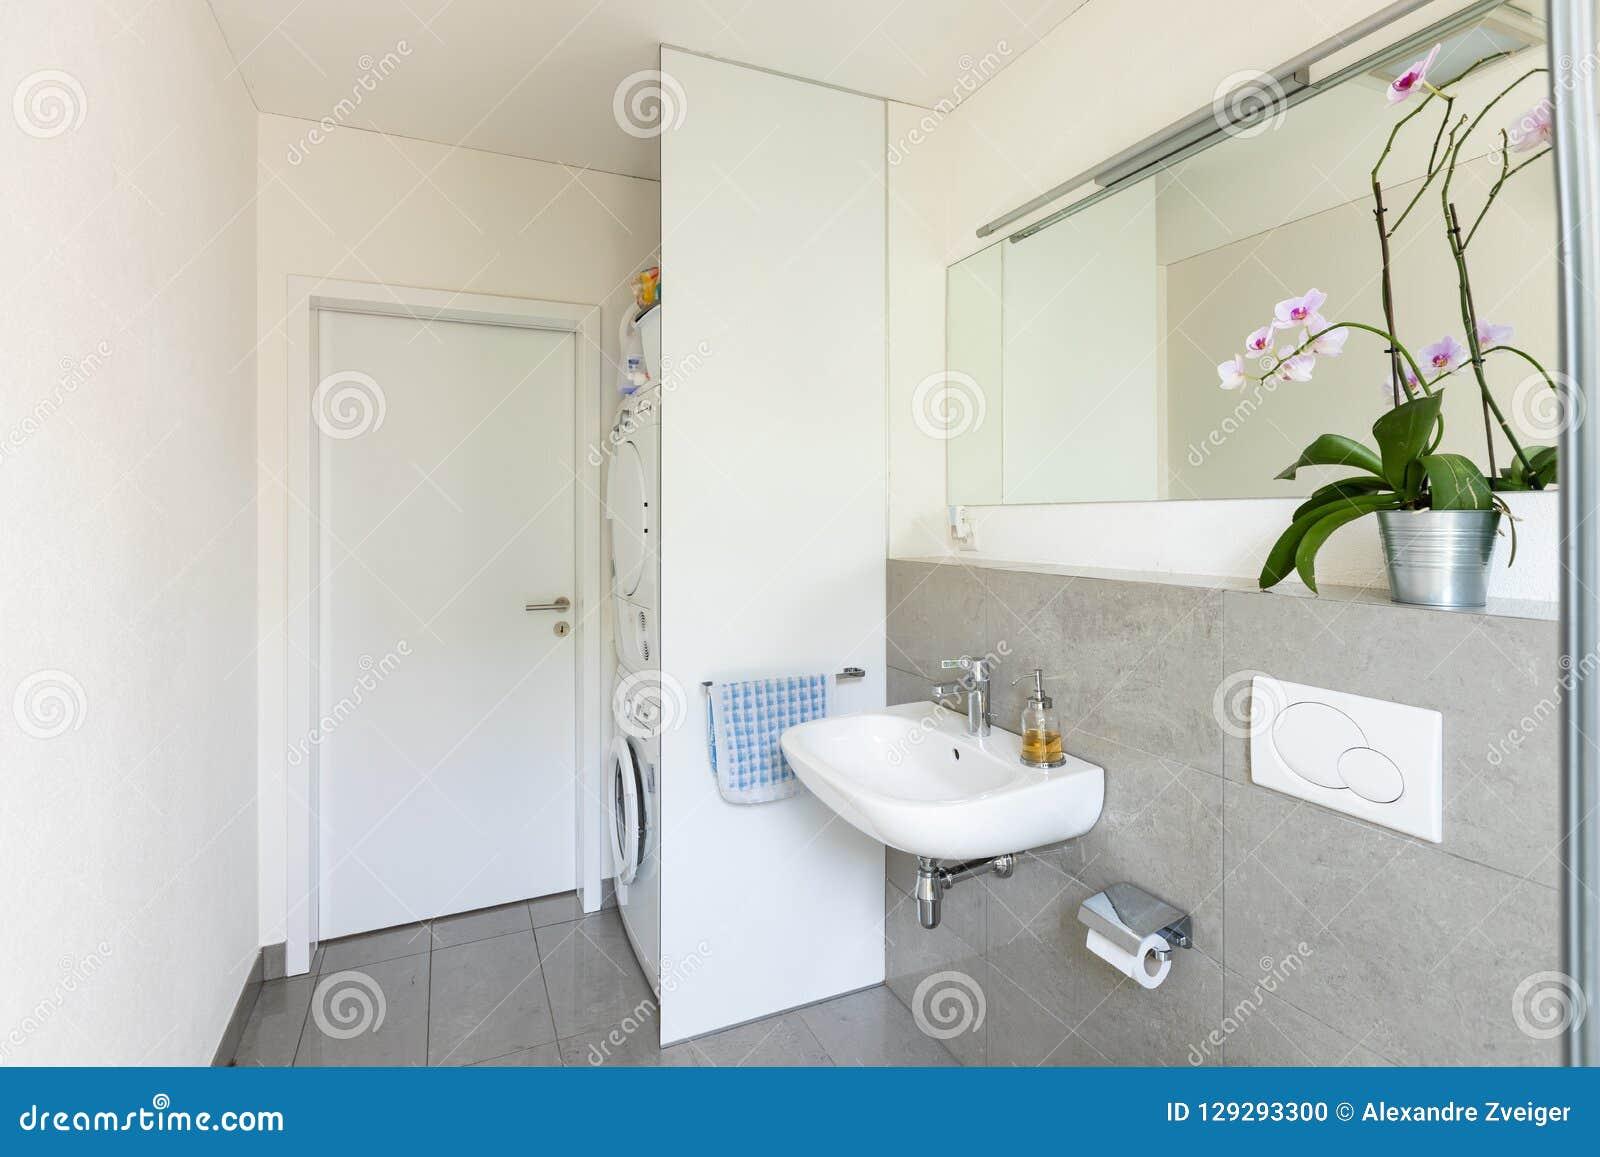 Helles Modernes Badezimmer Mit Fliesen